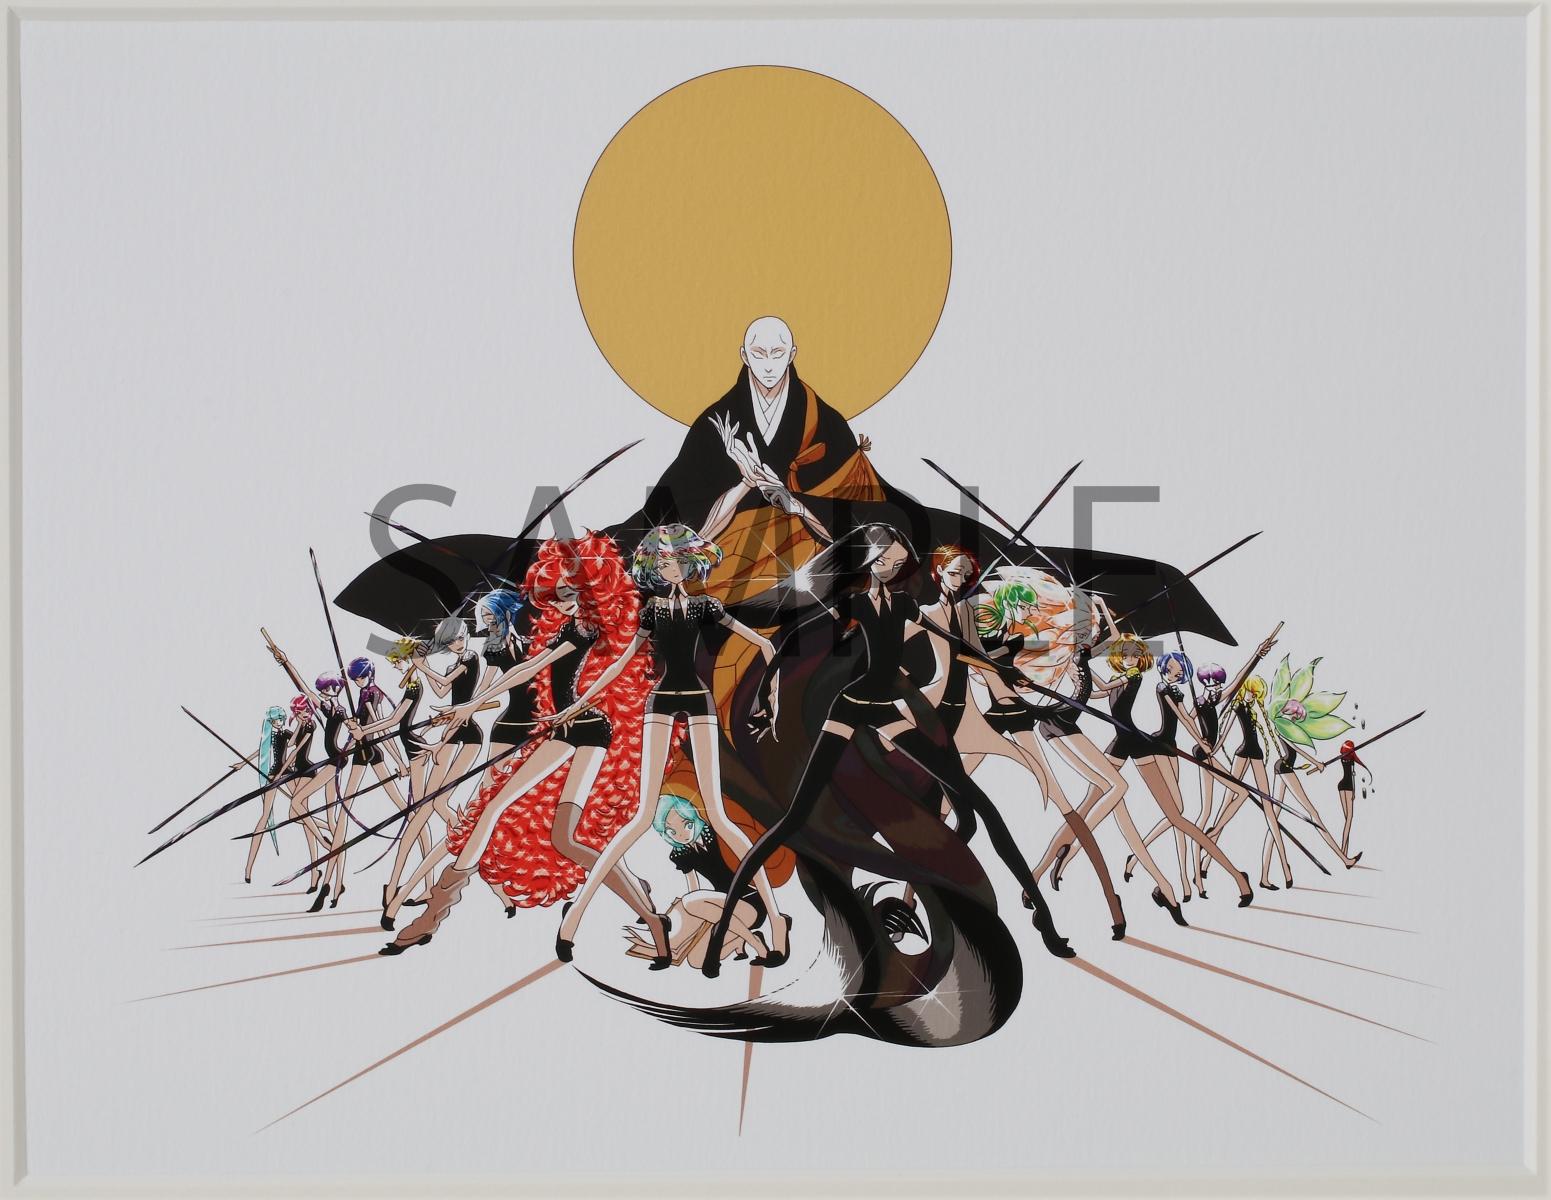 楽天ブックス アフタヌーン30周年記念 宝石の国複製原画 市川春子